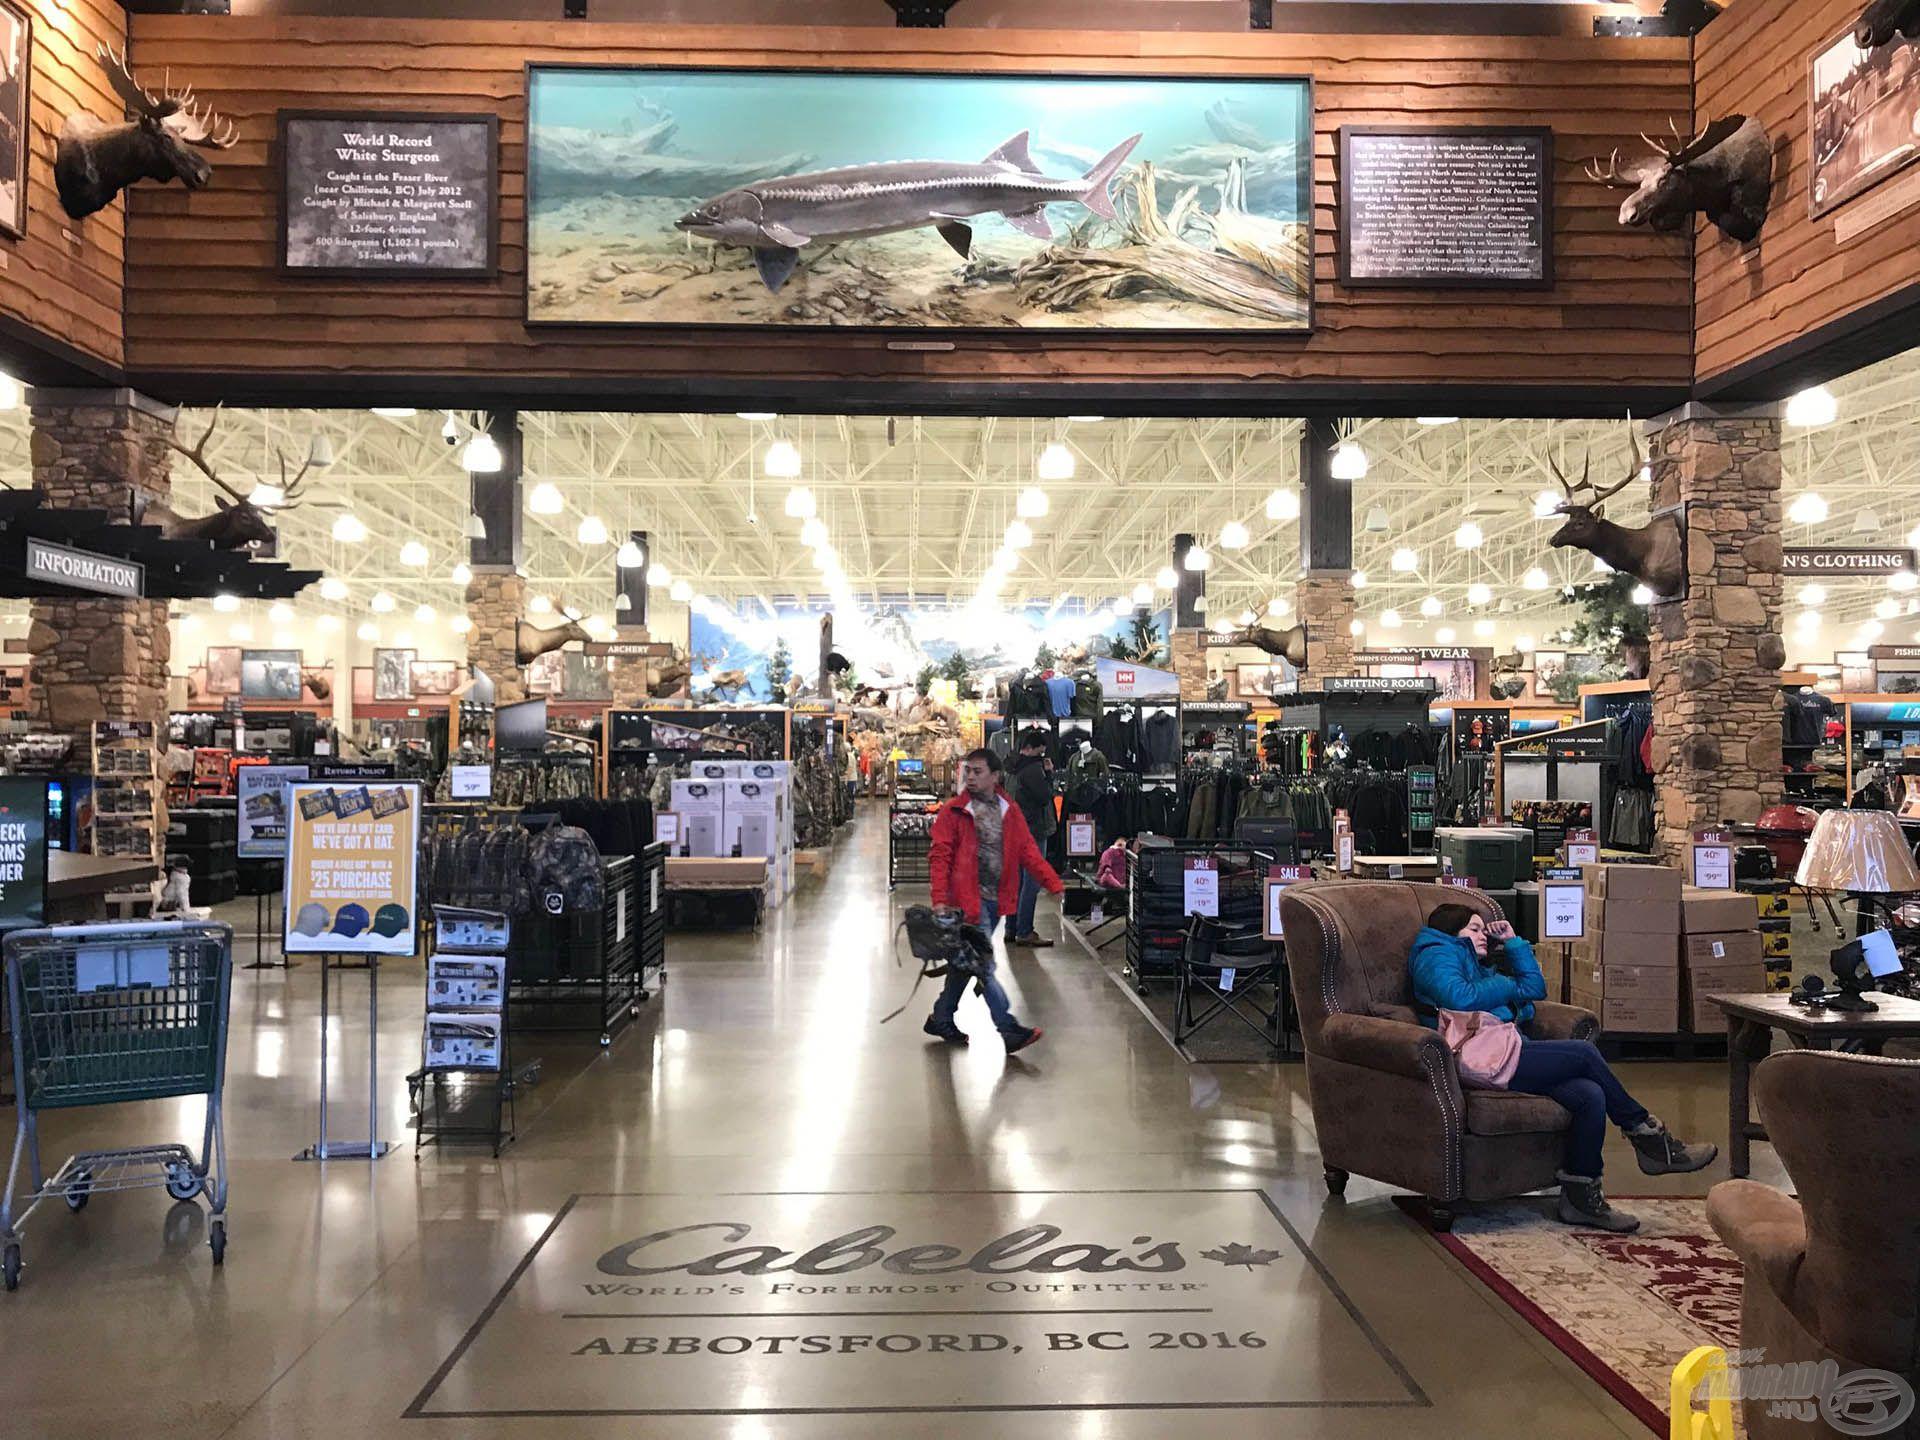 Túránk során ellátogattunk a monumentális Cabelas horgász-vadász áruházba is, ahol egy méretazonos makett mutatja a világrekord tokot